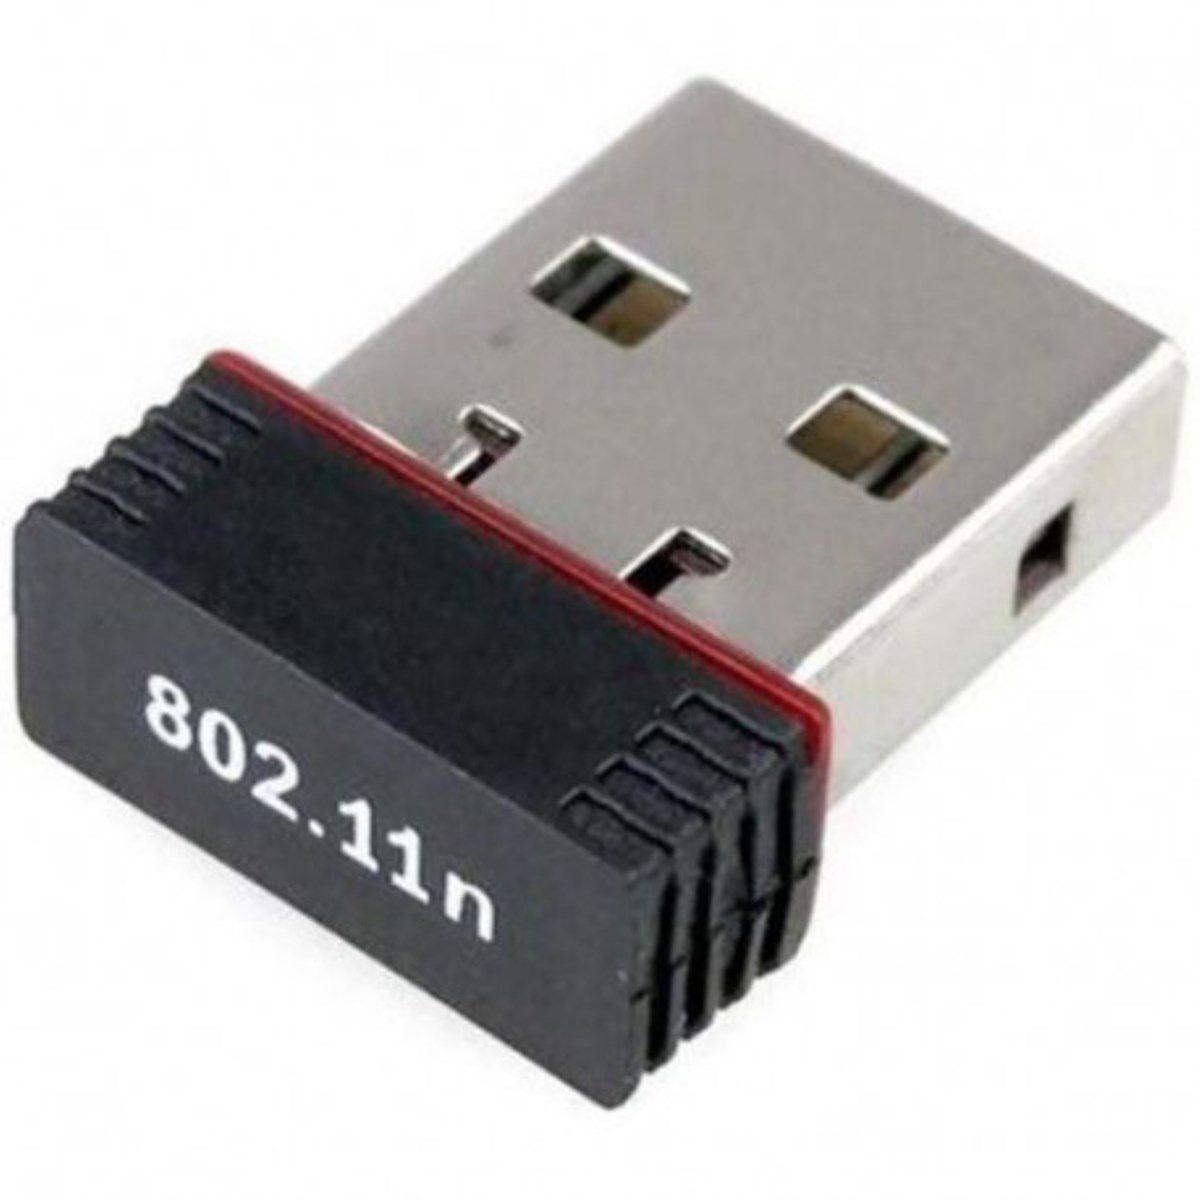 Adaptador Wireless 950mbps Compatível Com Receptores Pc Not